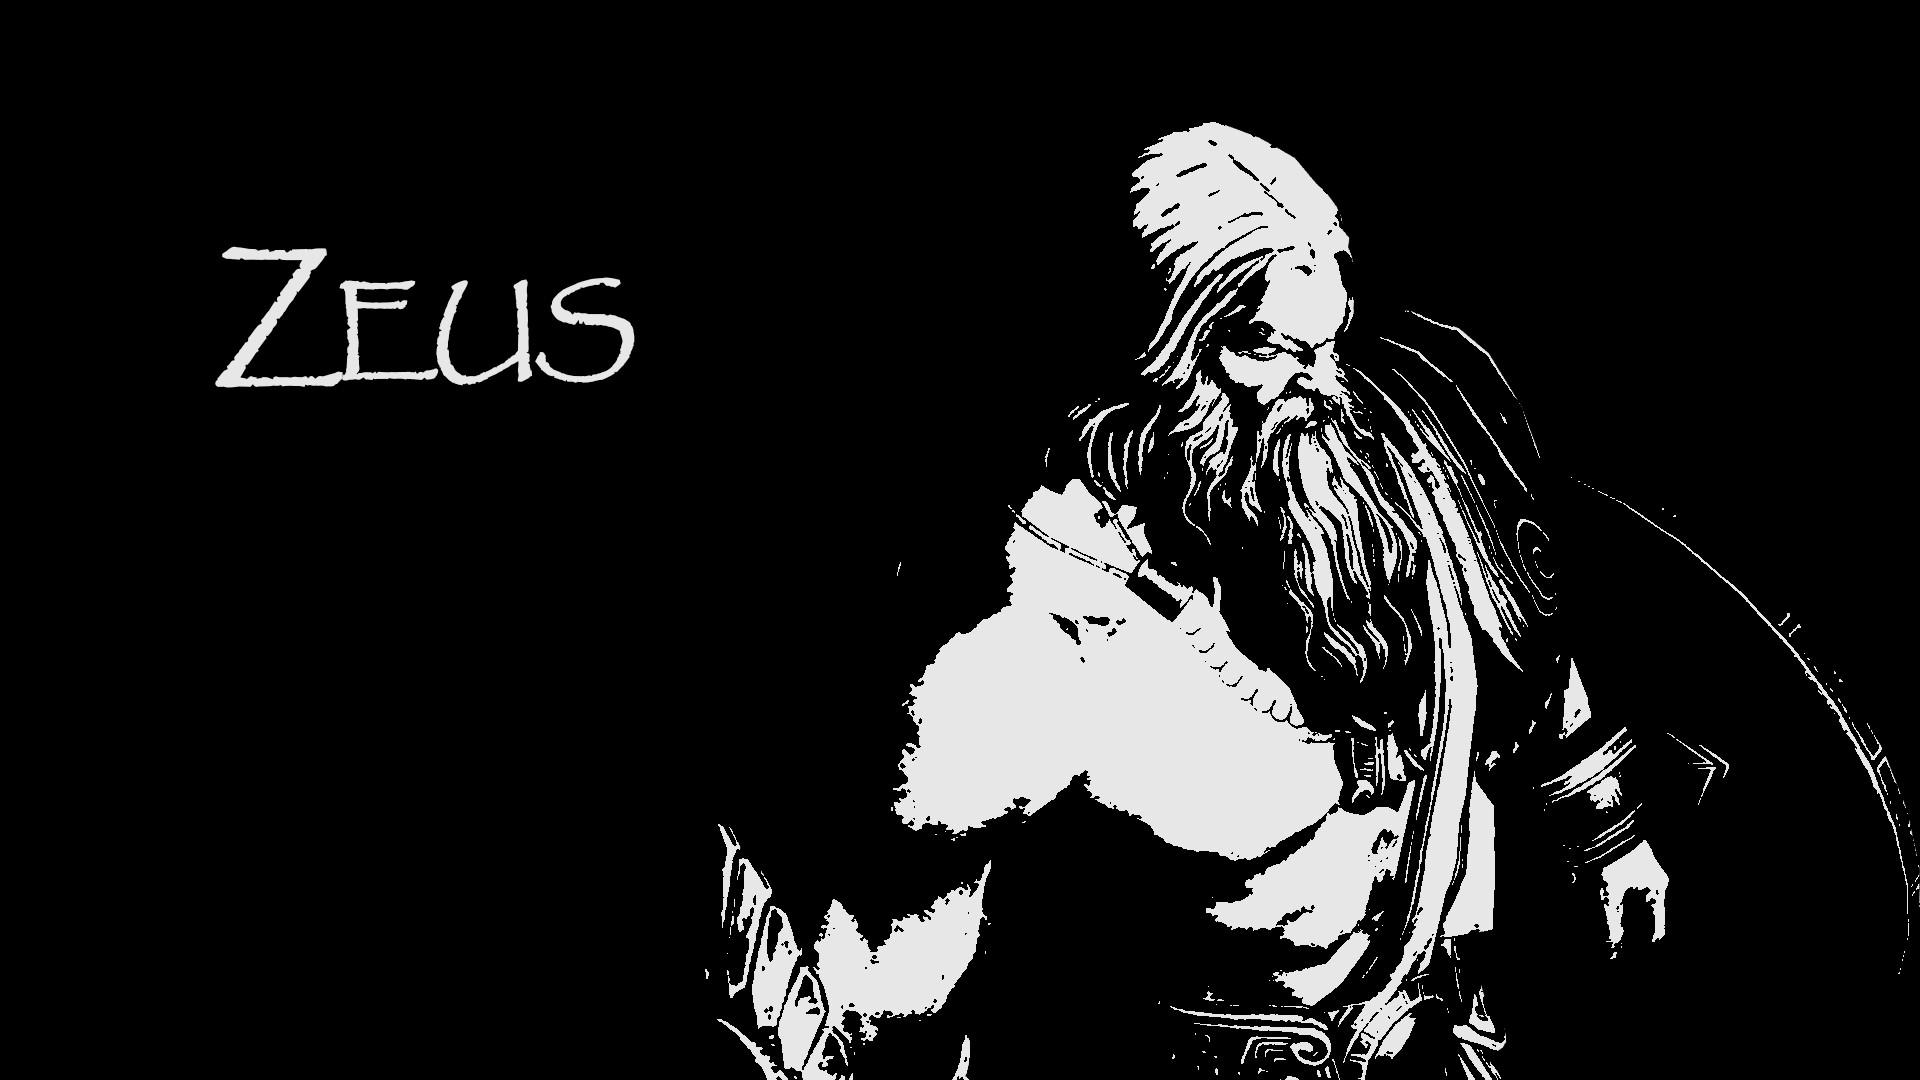 Zeus Wallpaper by AAnubis96 Zeus Wallpaper by AAnubis96